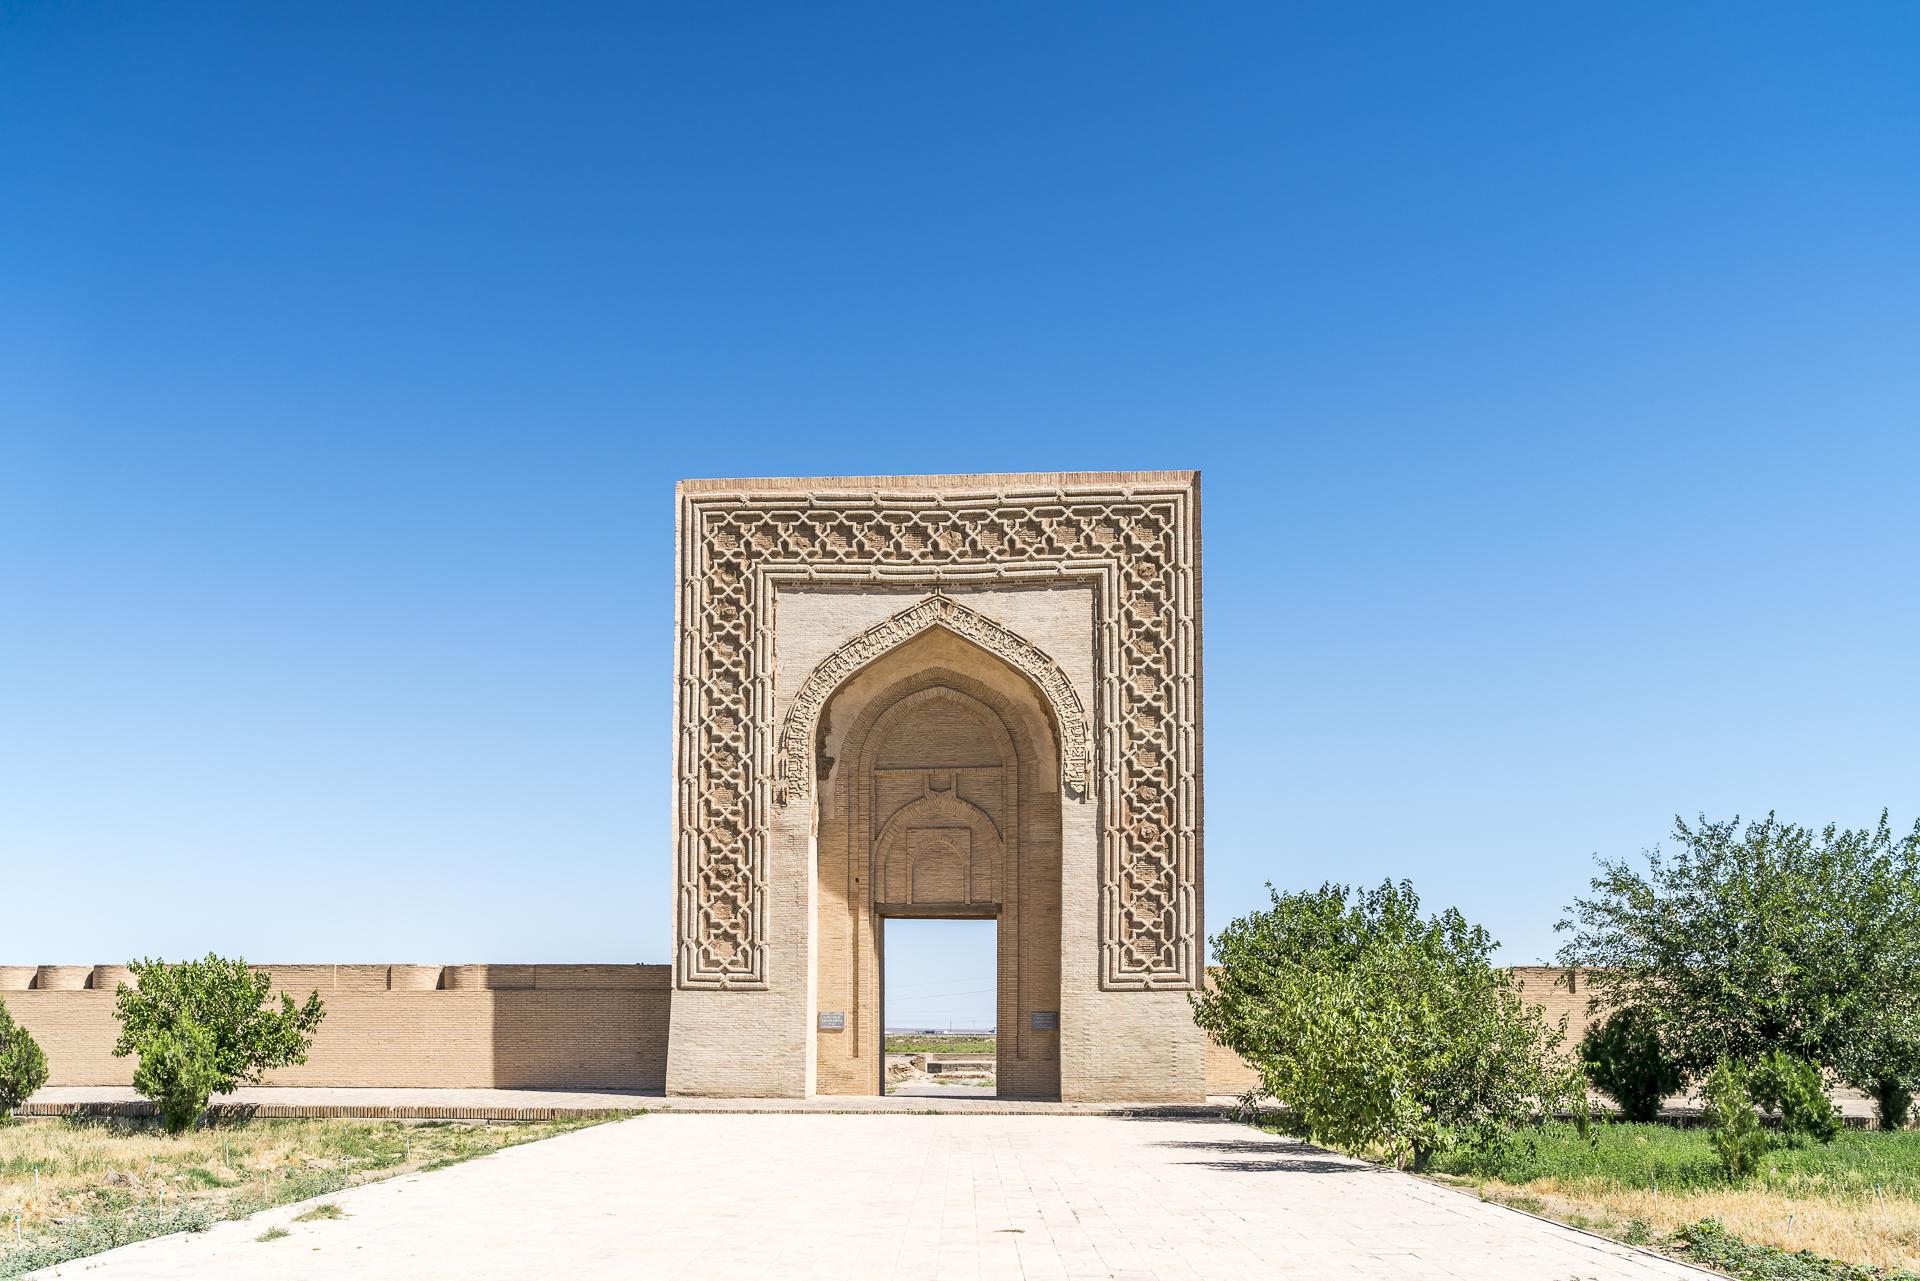 Karawanserei Rabat i Malik